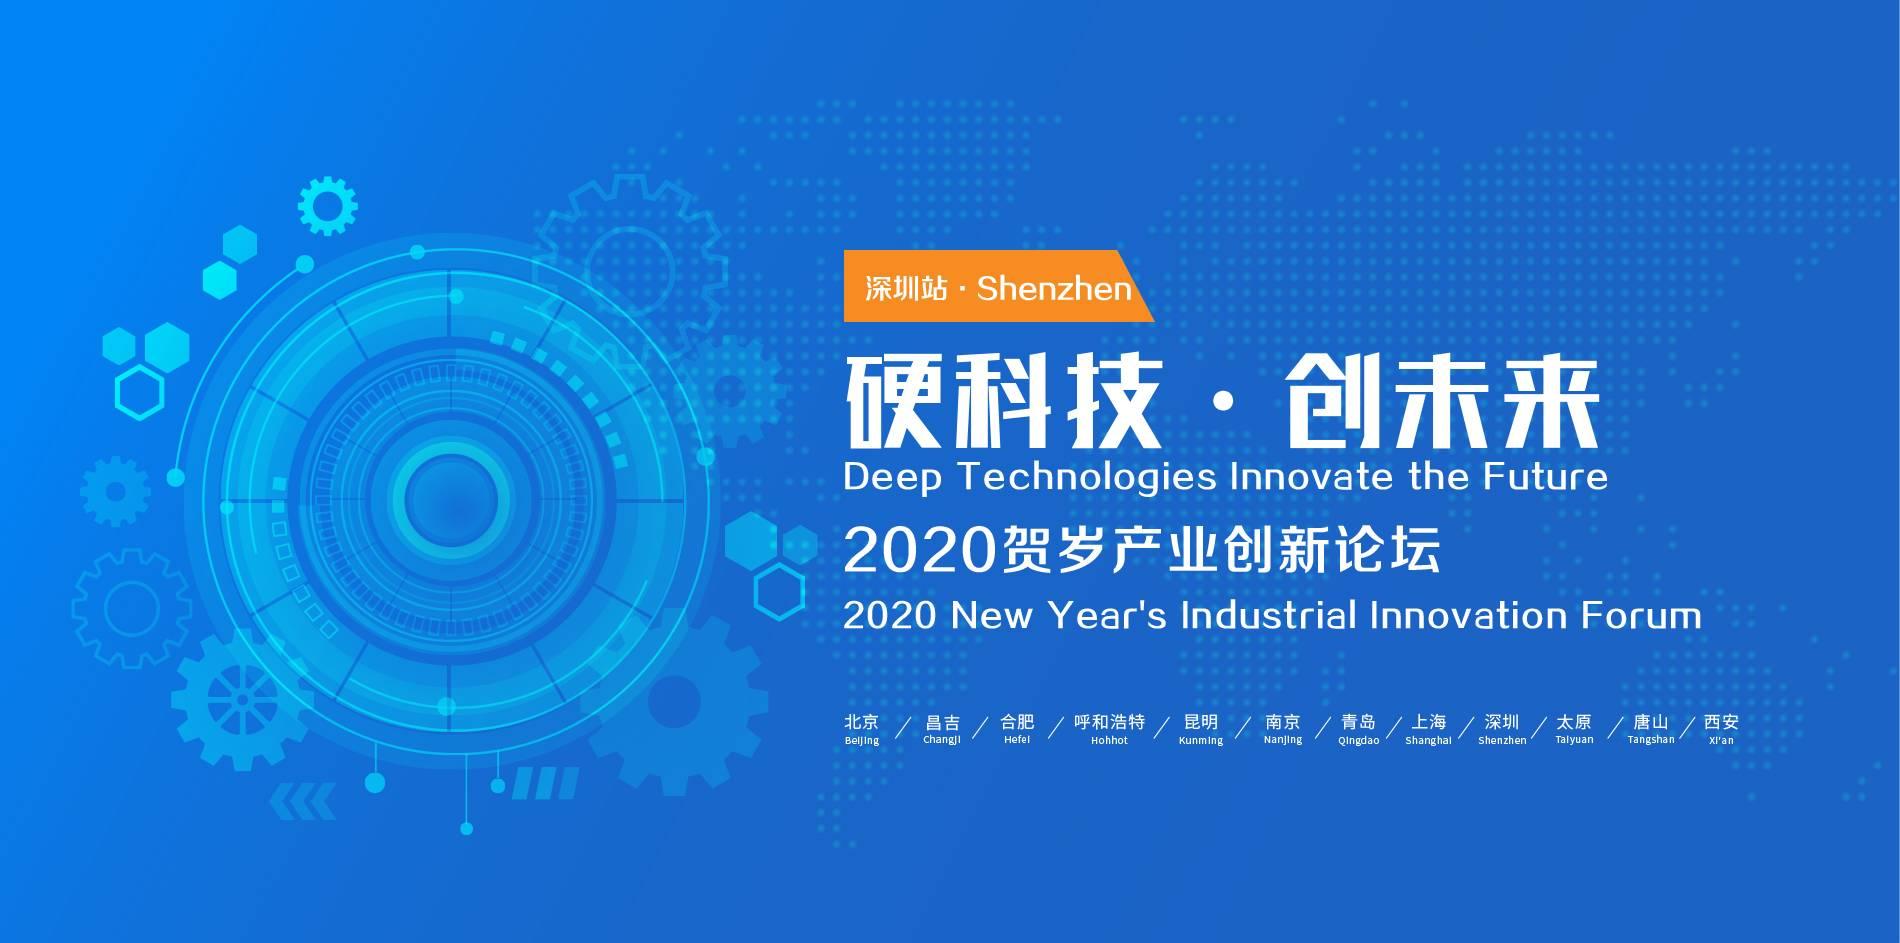 【活动】硬科技·创未来--2020贺岁产业创新论坛·深圳站-亿欧